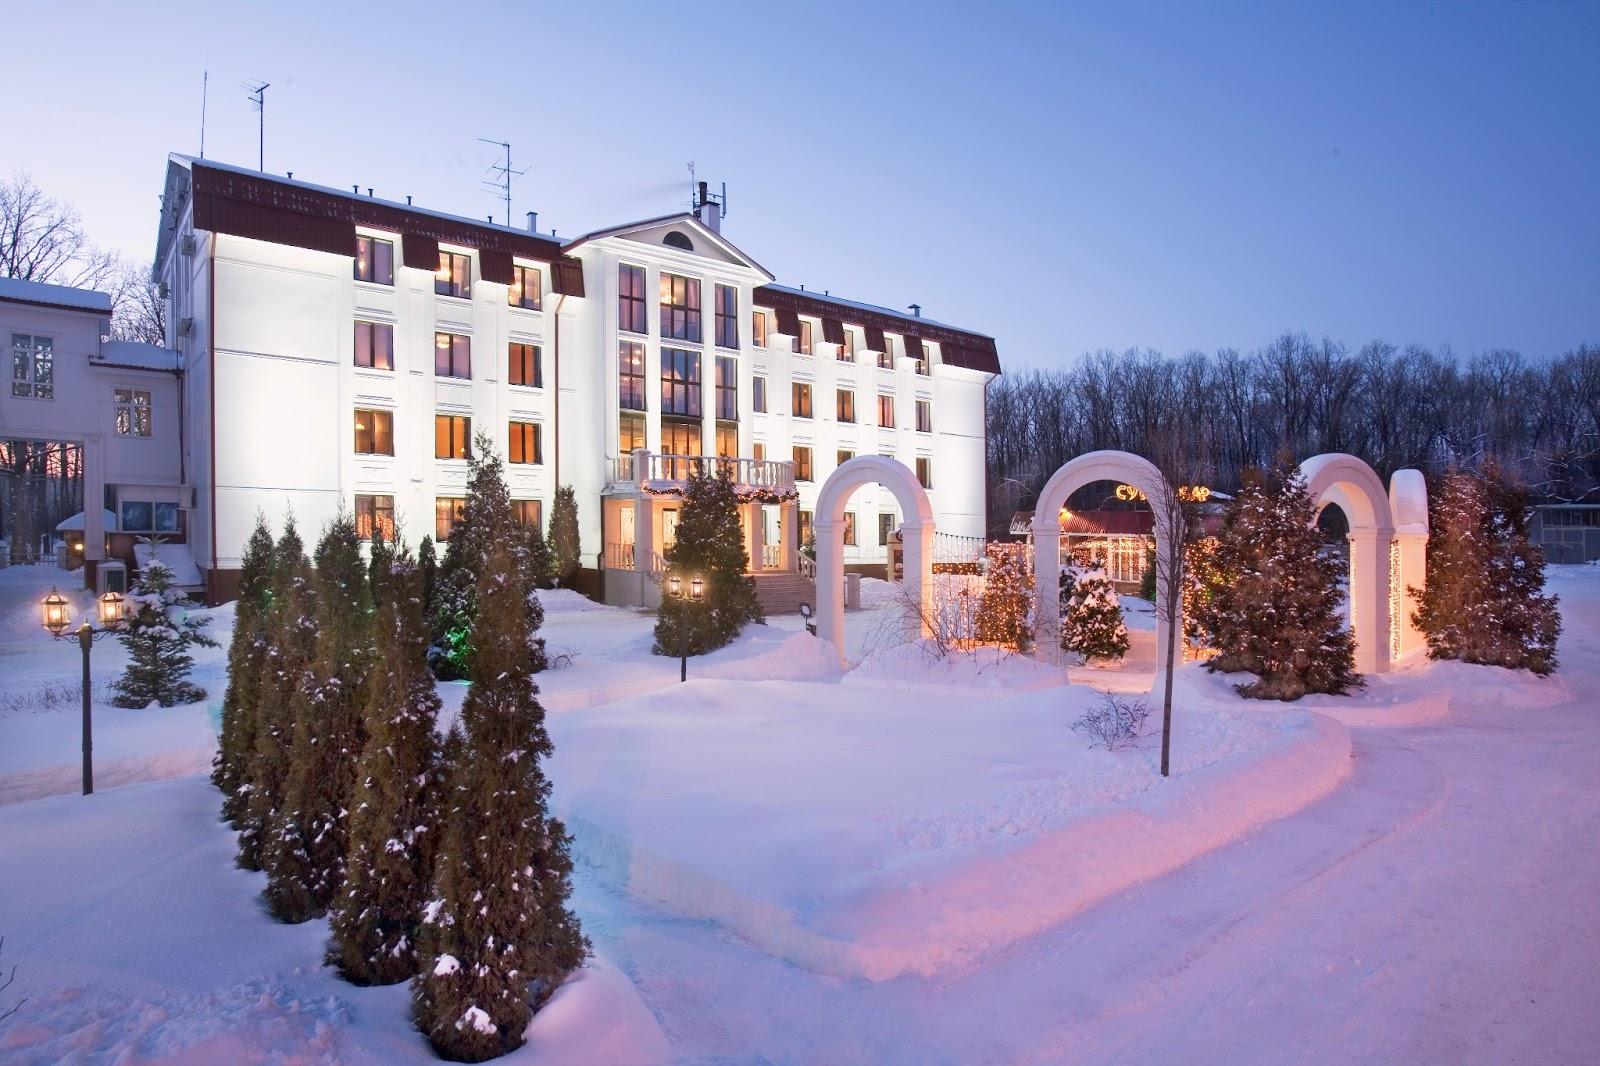 WeekendHunter.- Lujo y tranquilidad en el Suoeste de Rusia, Hotel Yar